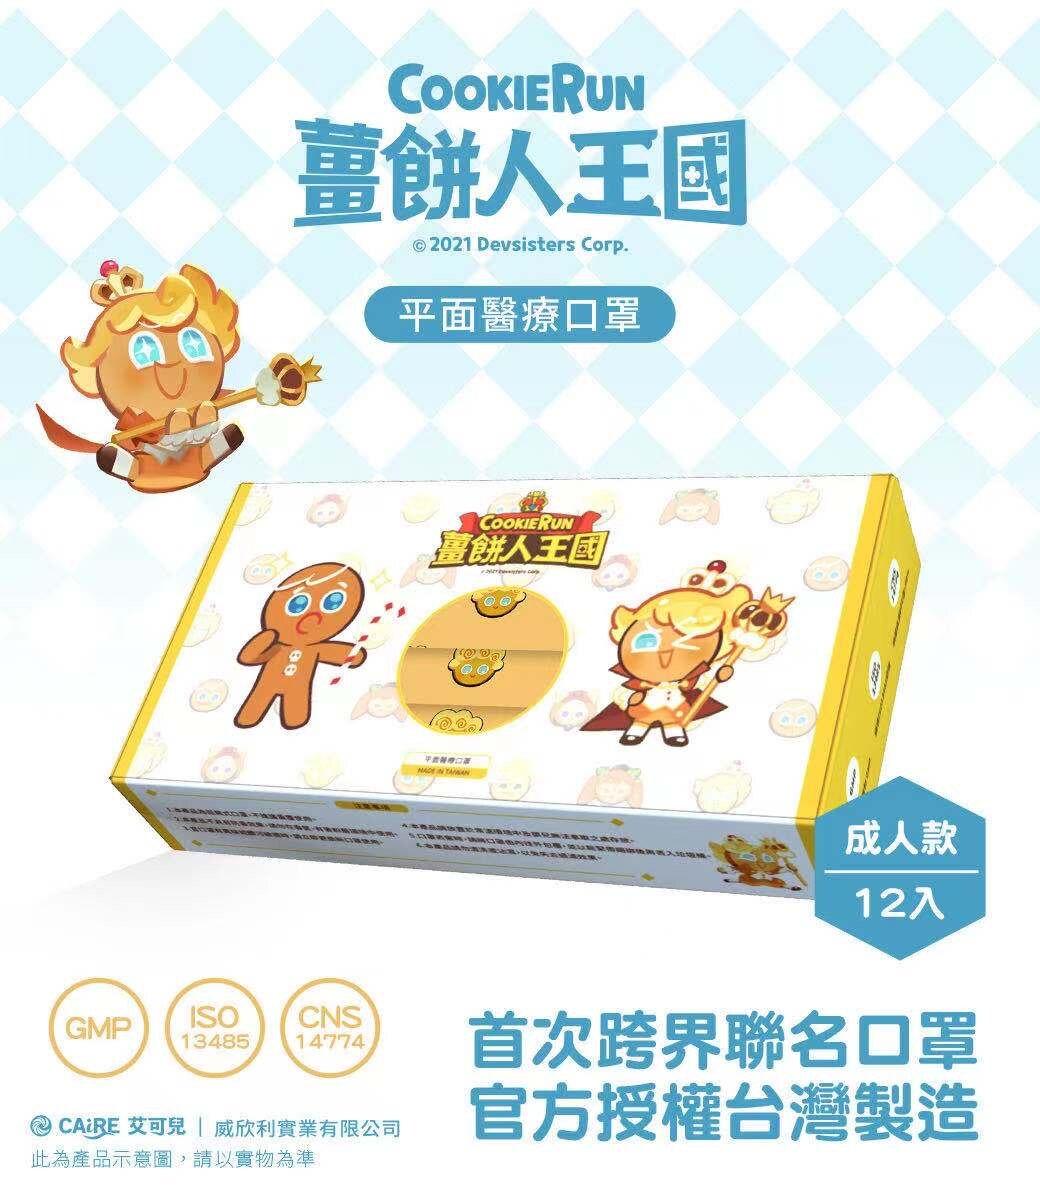 艾可兒 薑餅人王國 平面醫療口罩  一盒12入 十二願藥局